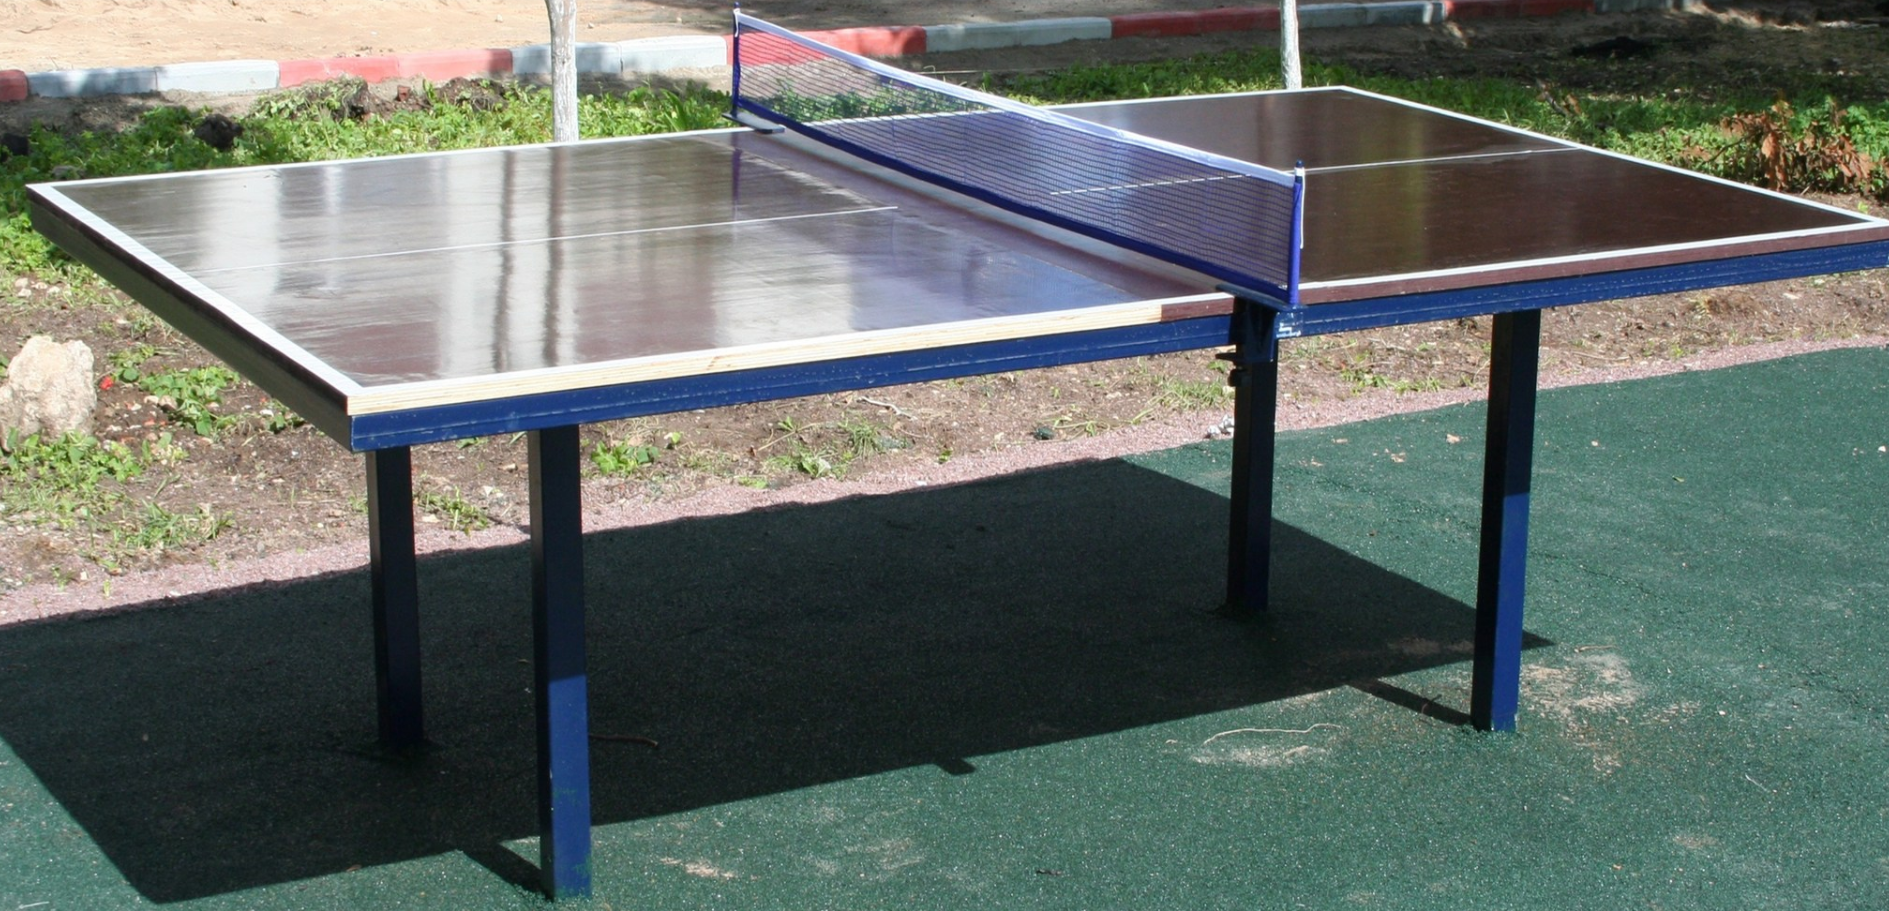 бизнес-идея по продаже теннисных столов